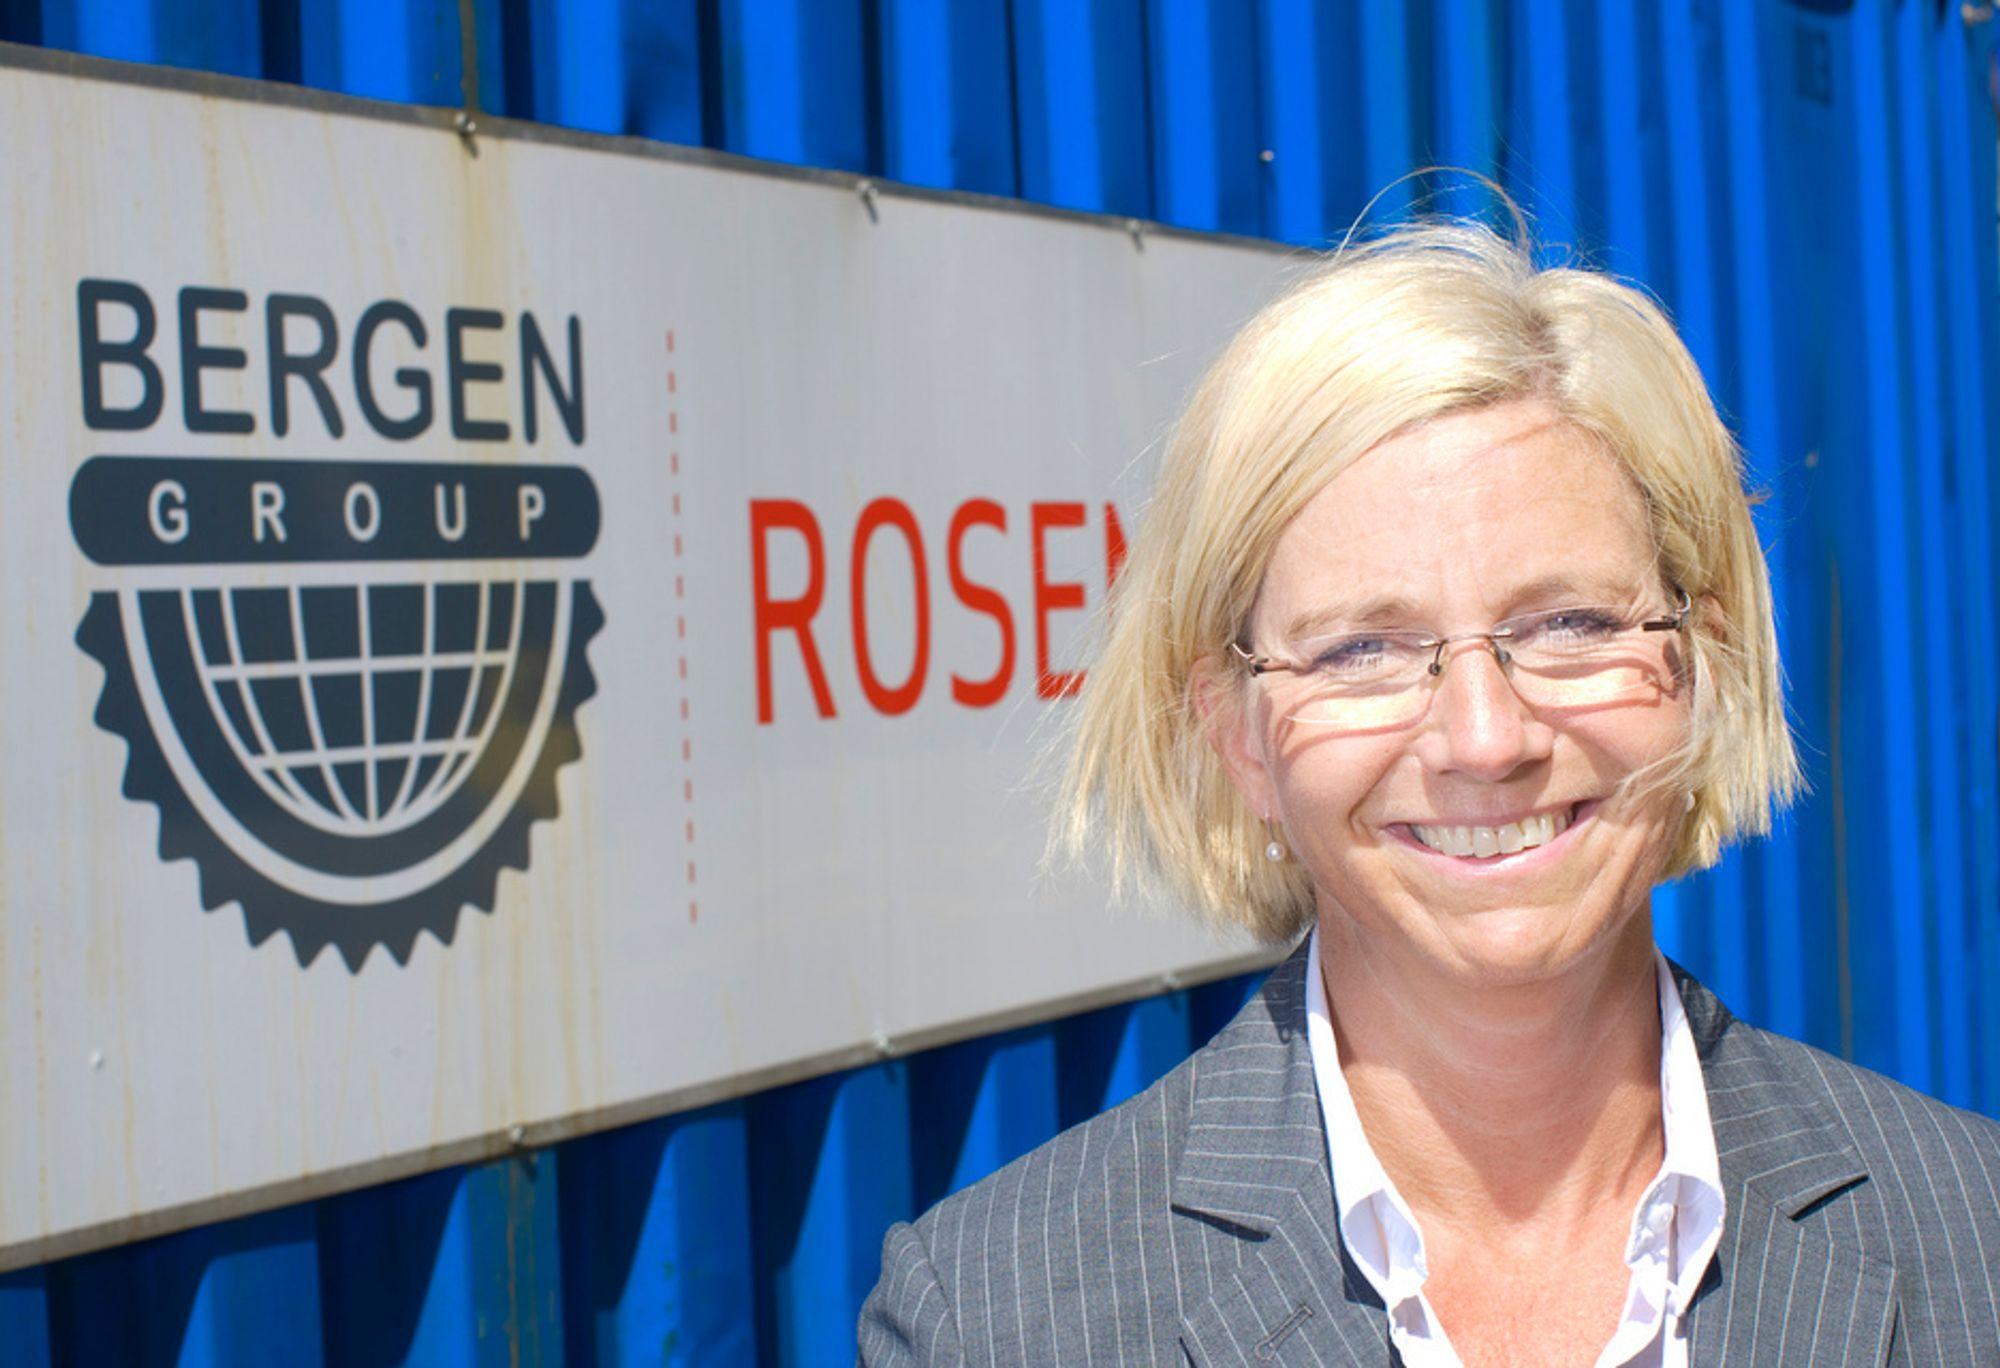 INDISK HJELP: Administrerende direktør Kristin Færøvik ved Bergen Group Rosenberg skal ansette flere ingeniører, men sikrer seg ekstar ressurser ved å samarbeide med indisk selskap.. Kvitebjørn-kontrakten og et marked i vekst sikrer mye arbeid.